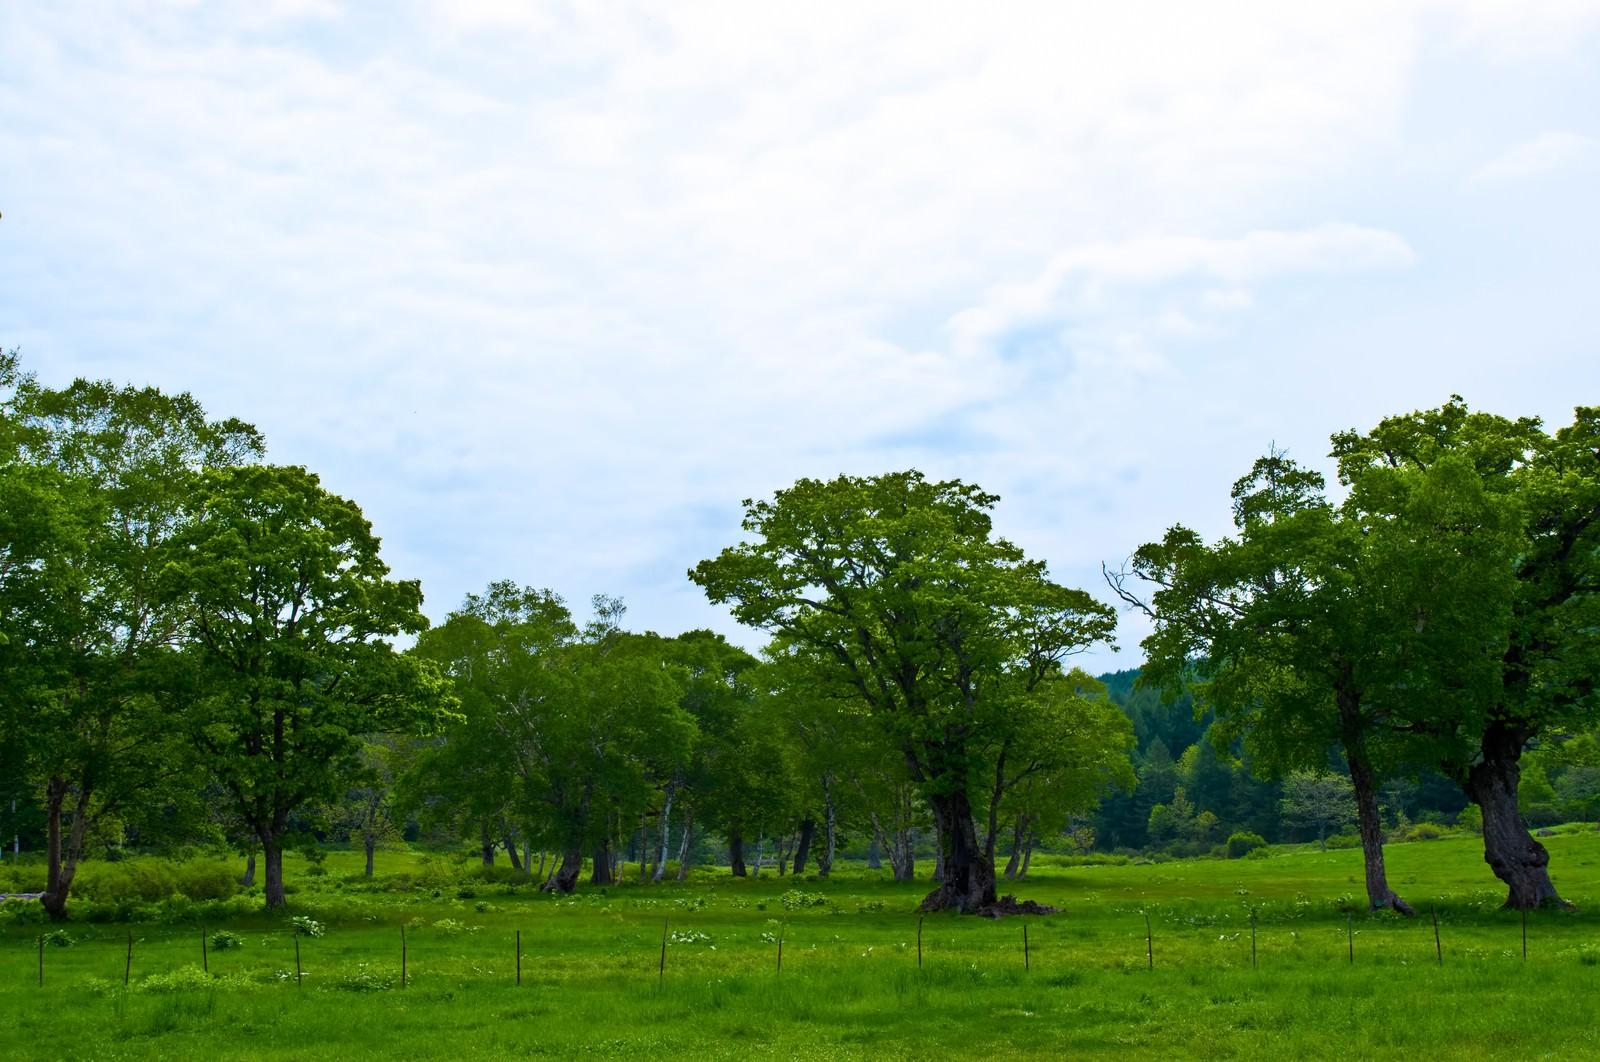 「奥志賀高原の森林奥志賀高原の森林」のフリー写真素材